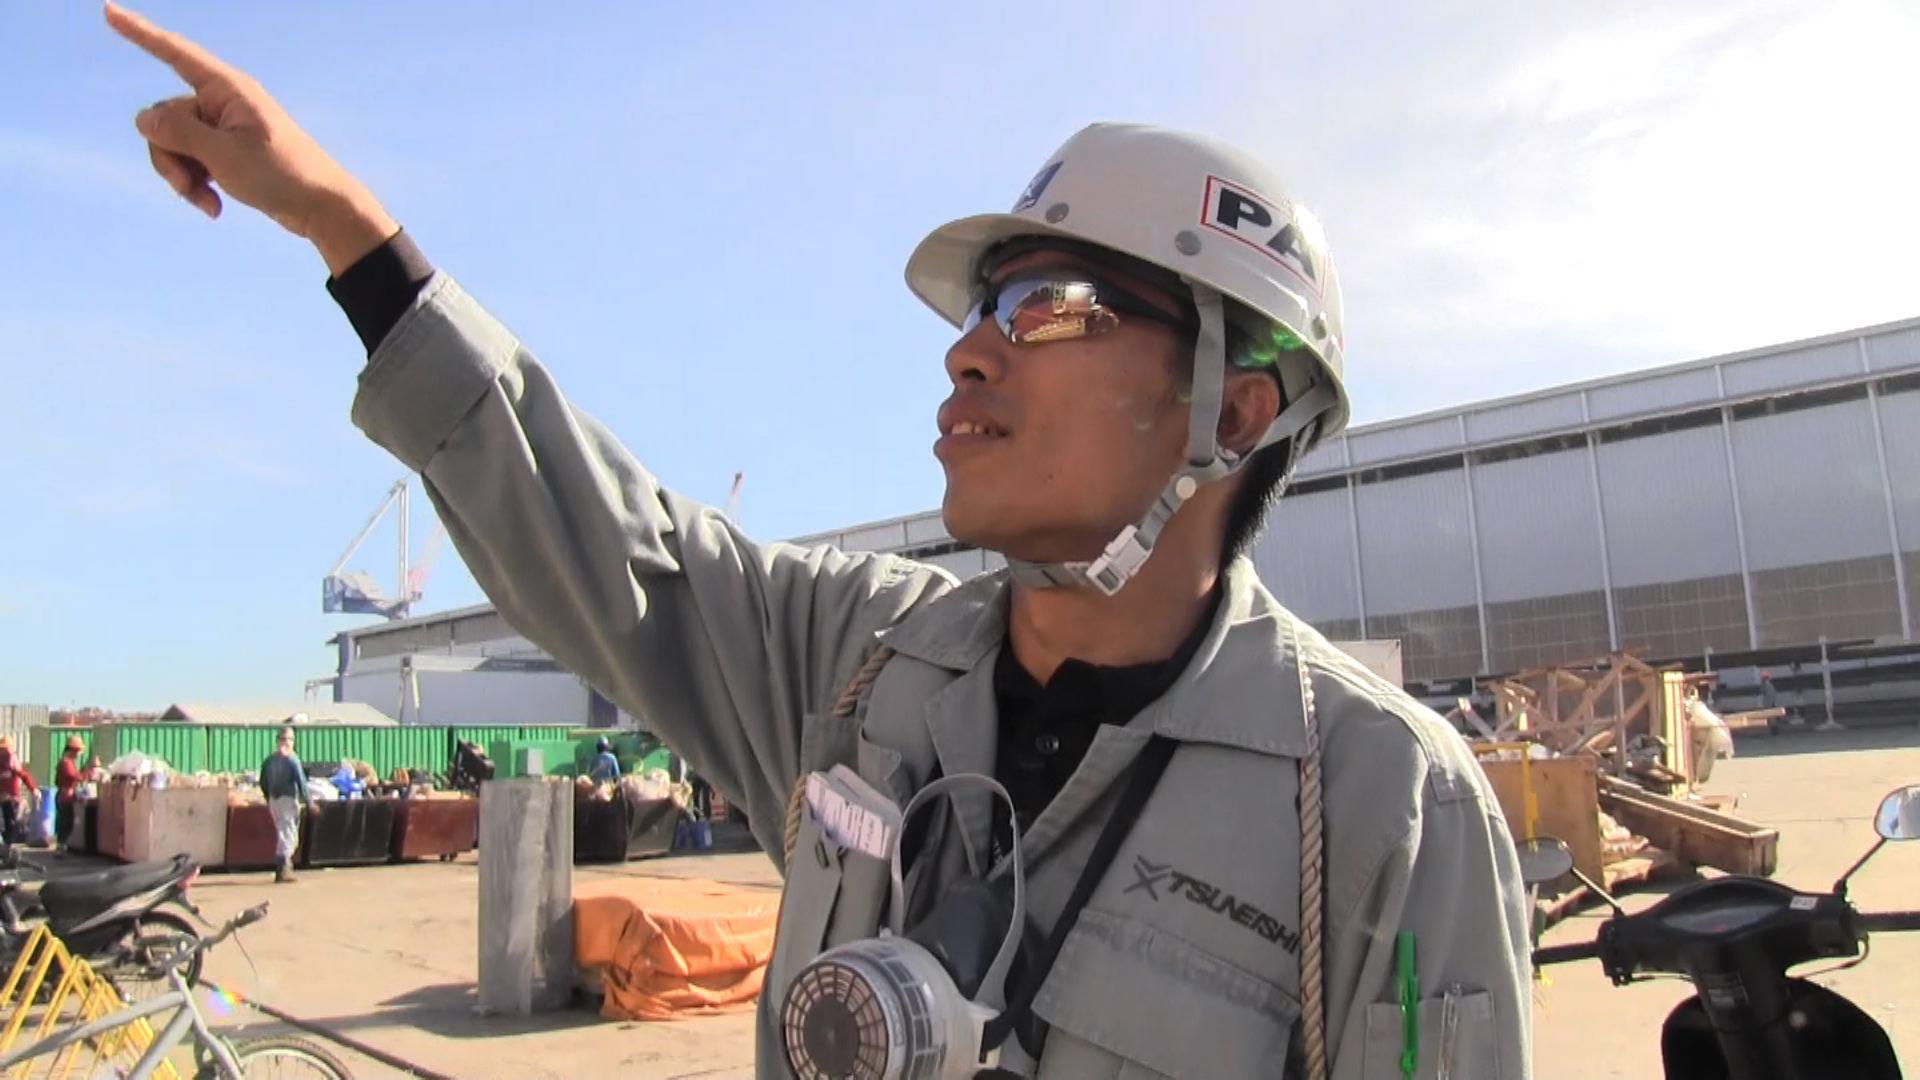 6月1日(月)夜8時30分、常石造船がNHK BS1チャンネル「奮闘!日本人 ~エキサイト・アジア~」番組で紹介されます